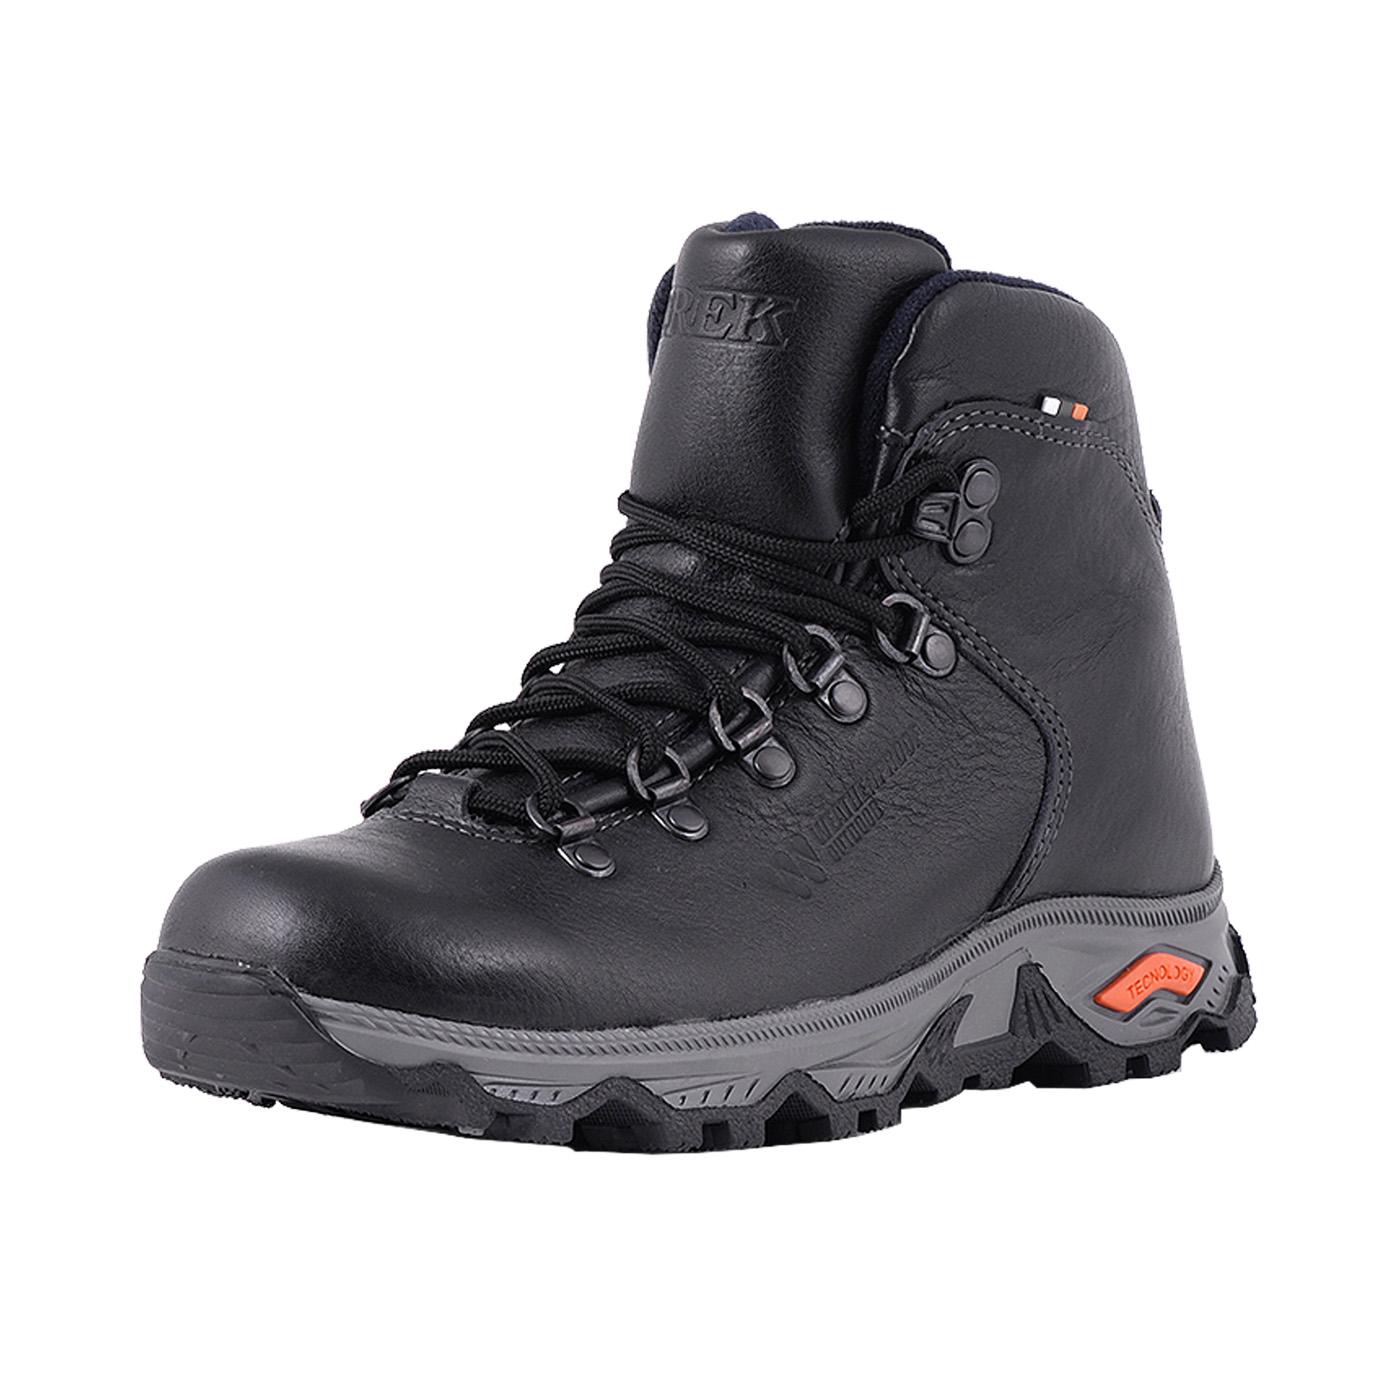 Купить Ботинки TREK Hiking18 (шерст.мех), Обувная фабрика Trek